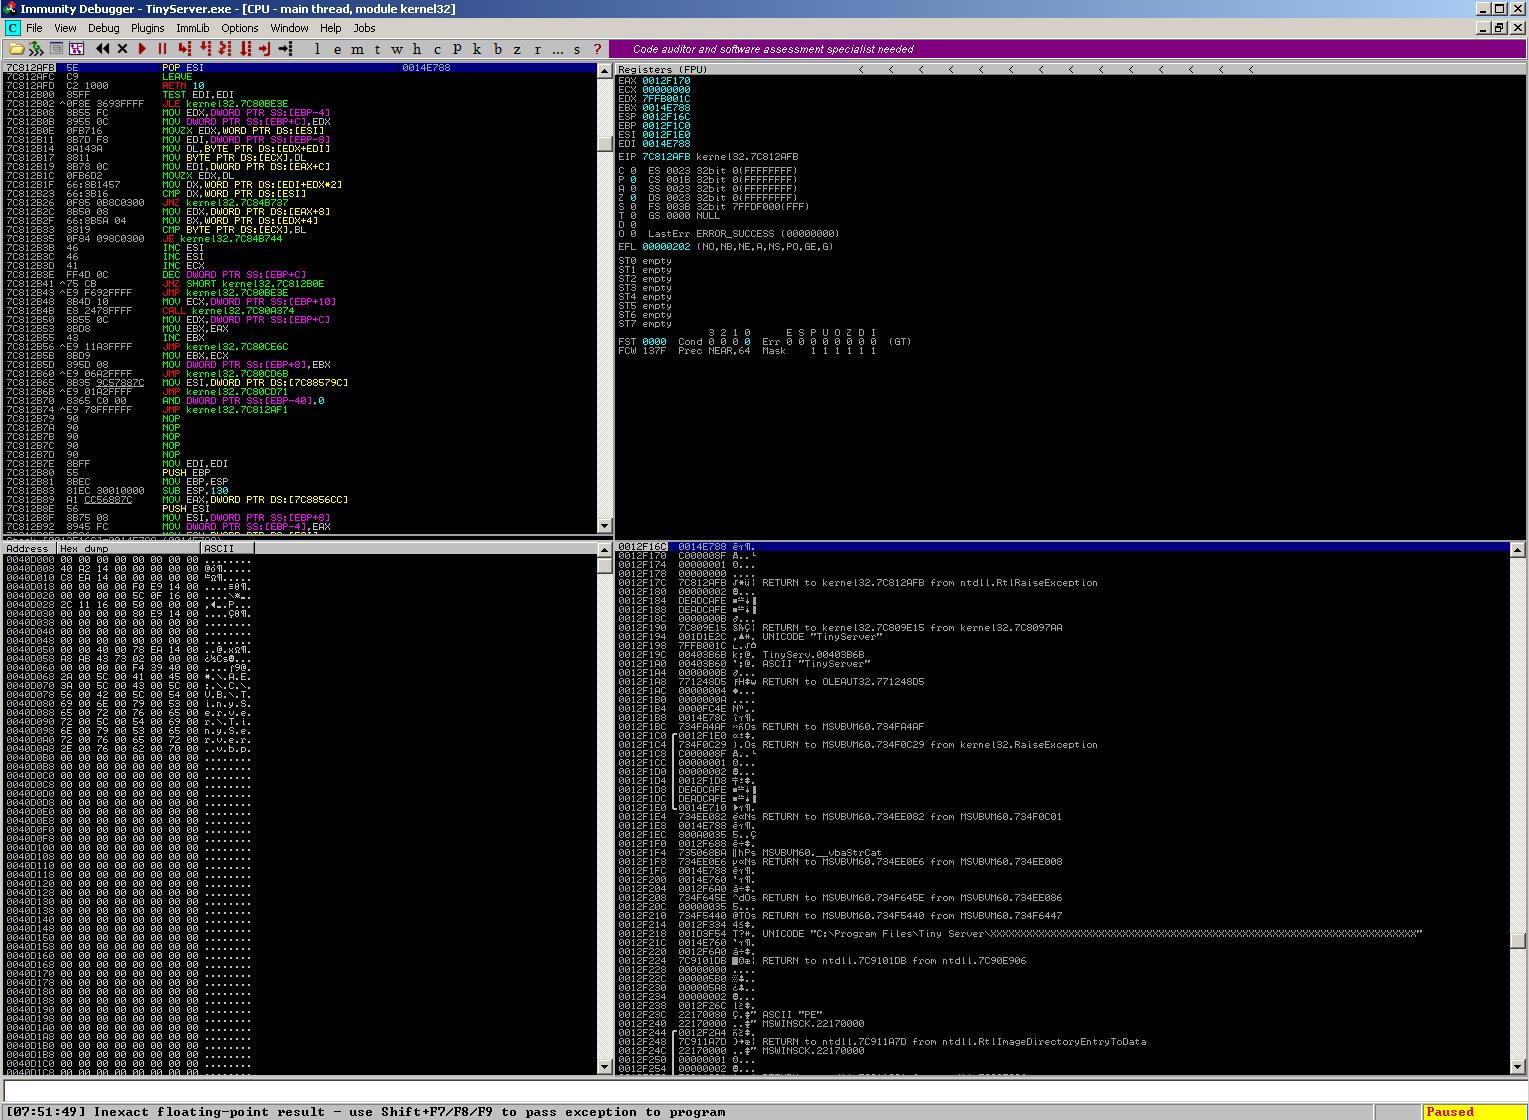 Tiny HTTP Server 1 1 9 - Remote Crash (PoC) - Windows dos